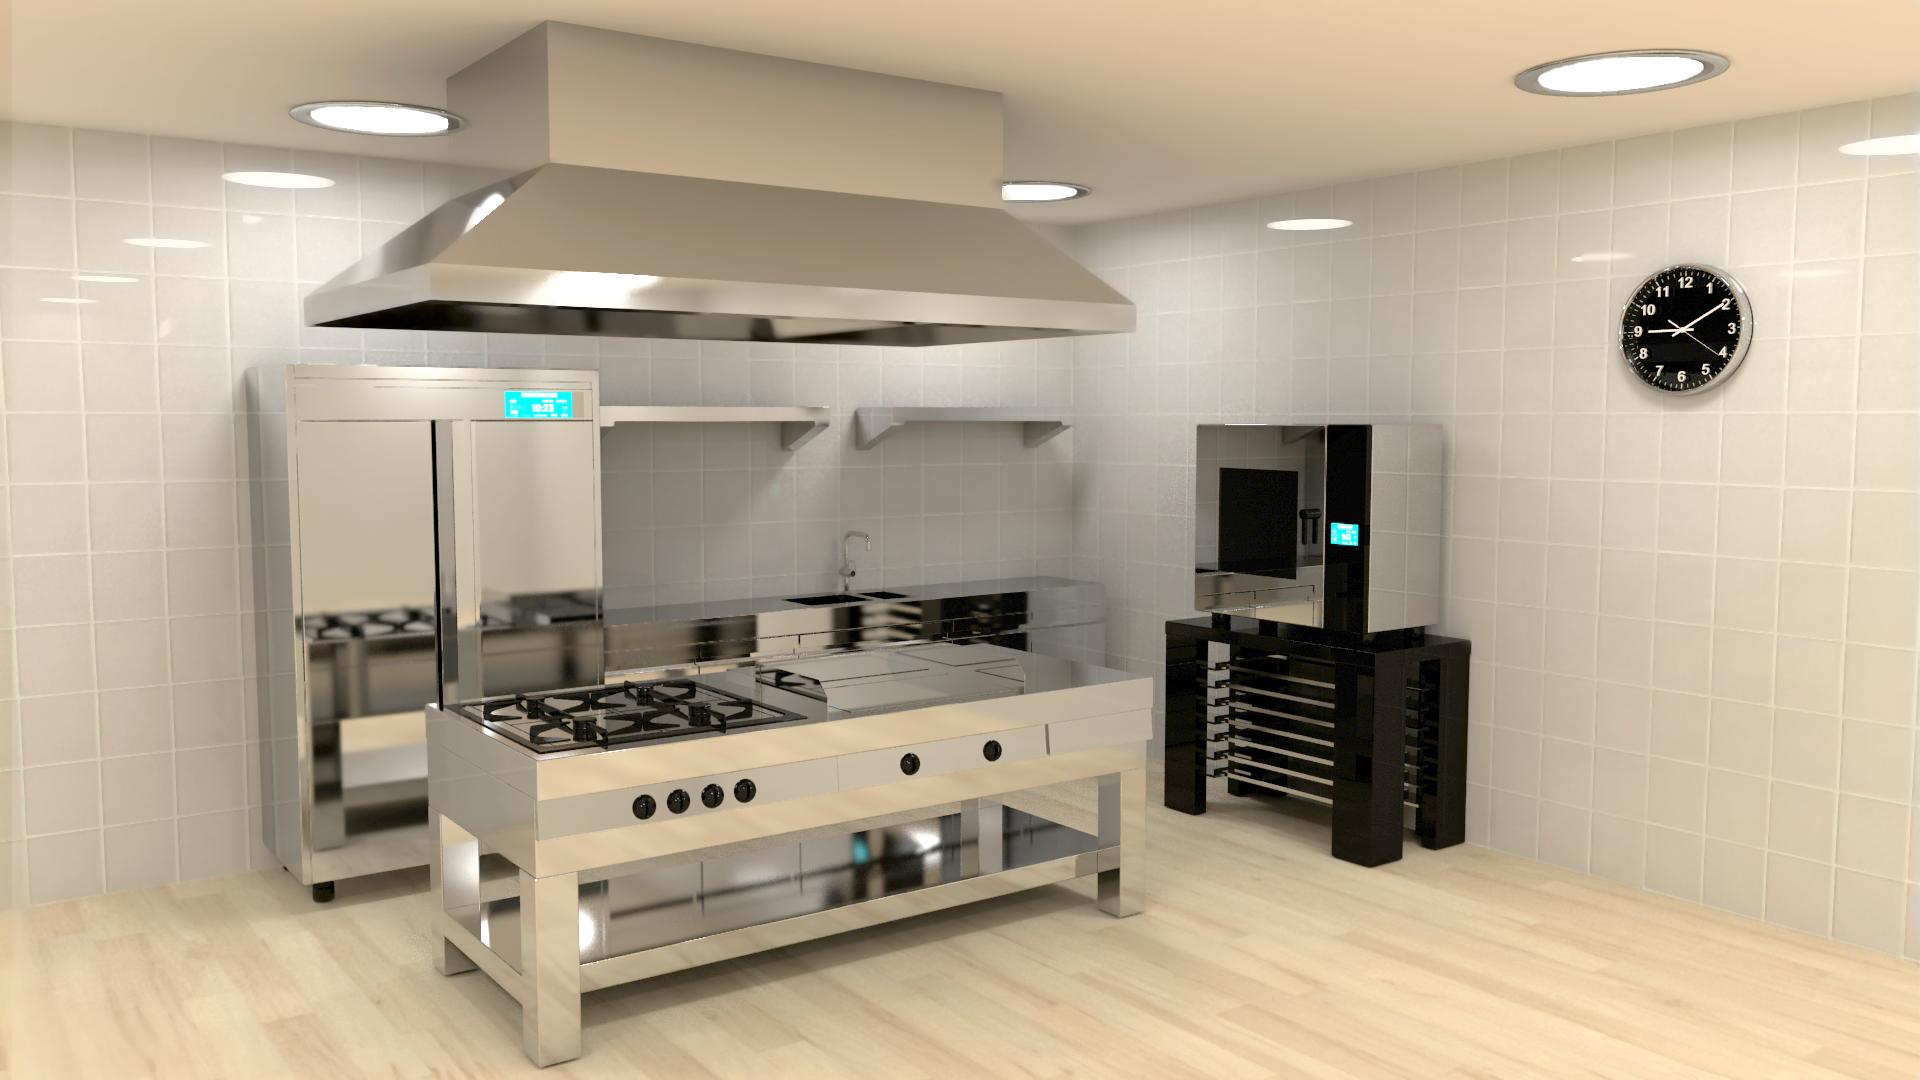 Hotel restaurante domoticall - Decoracion de cocinas industriales ...